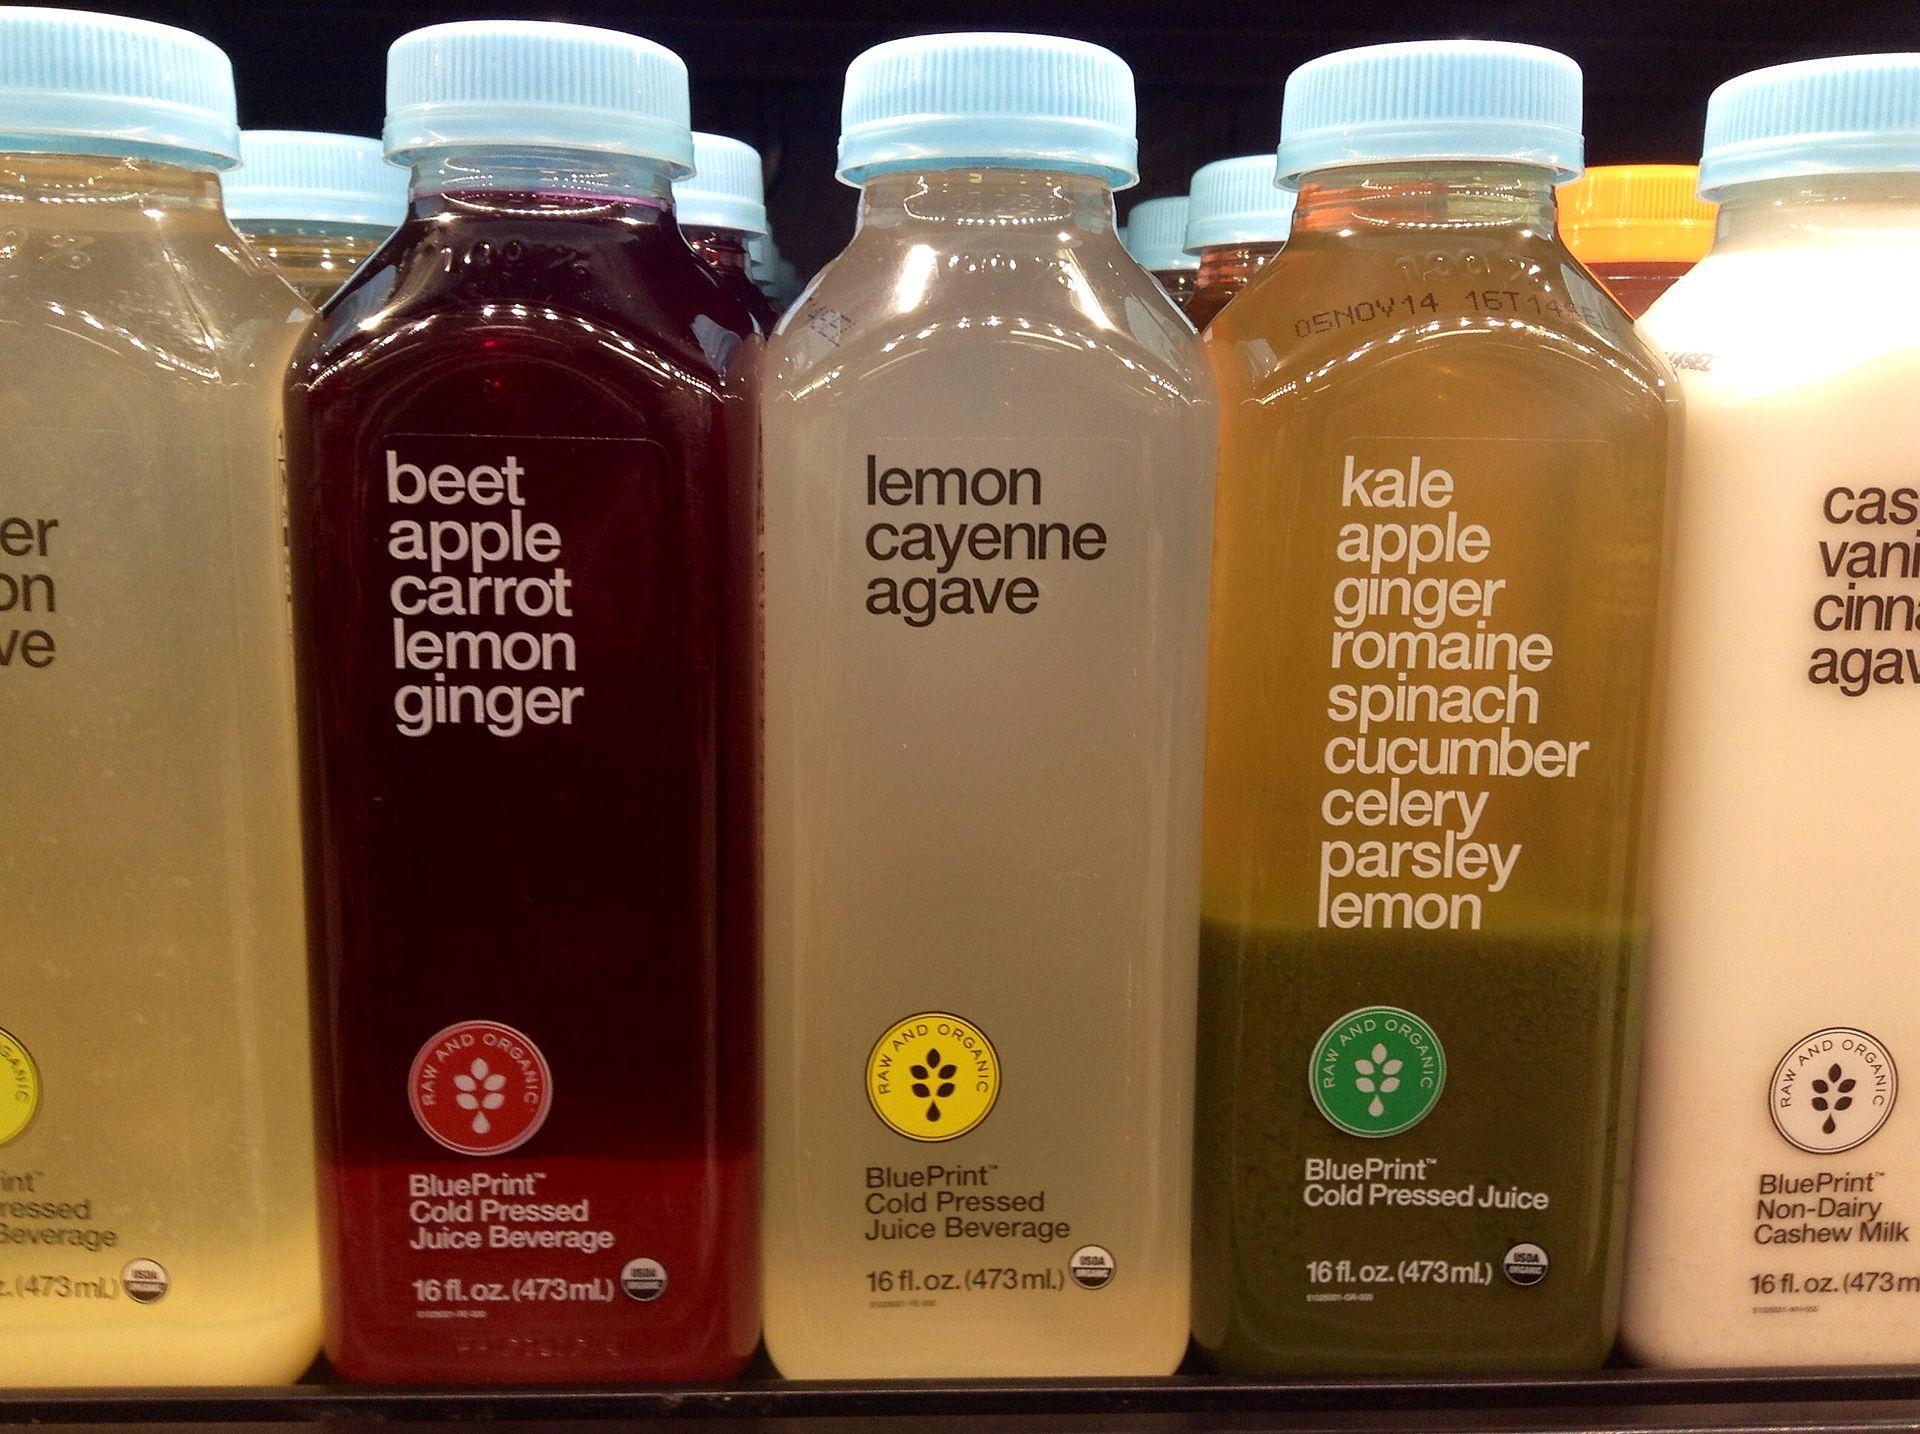 原榨果汁,鲜榨果汁,冷压果汁,NFC果汁,你们到底是什么果汁?